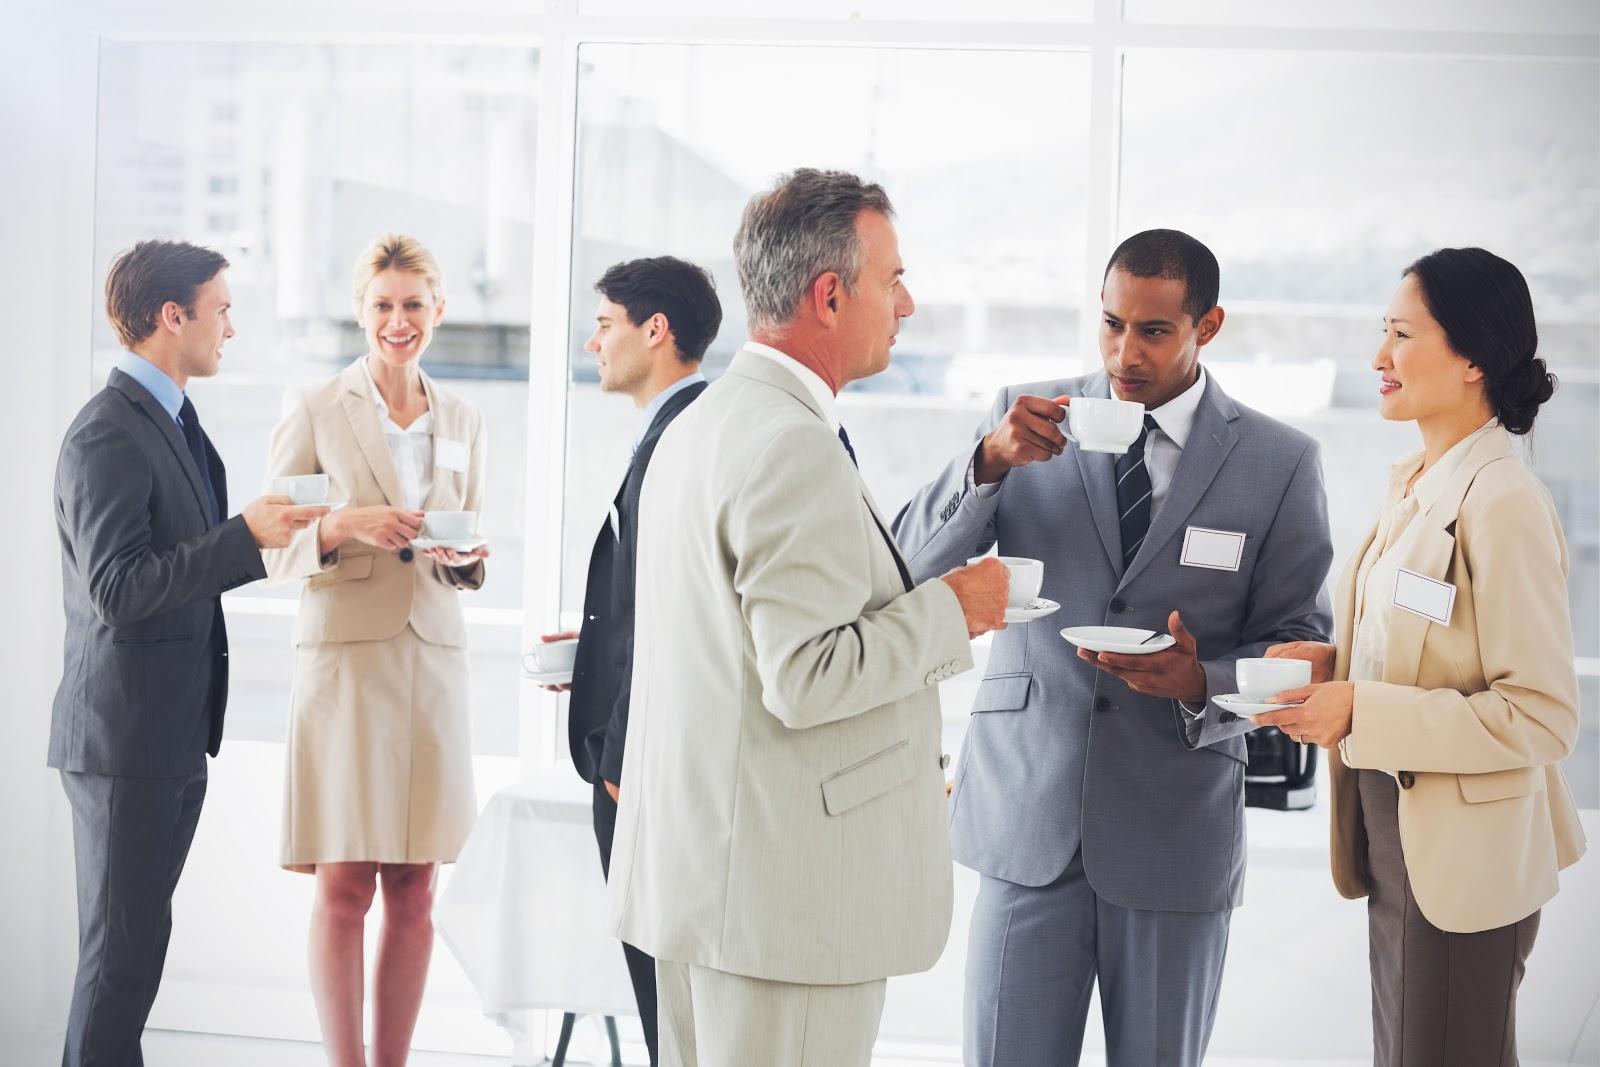 Pessoas na empresa realizando um coffee break e conversando sobre negócios